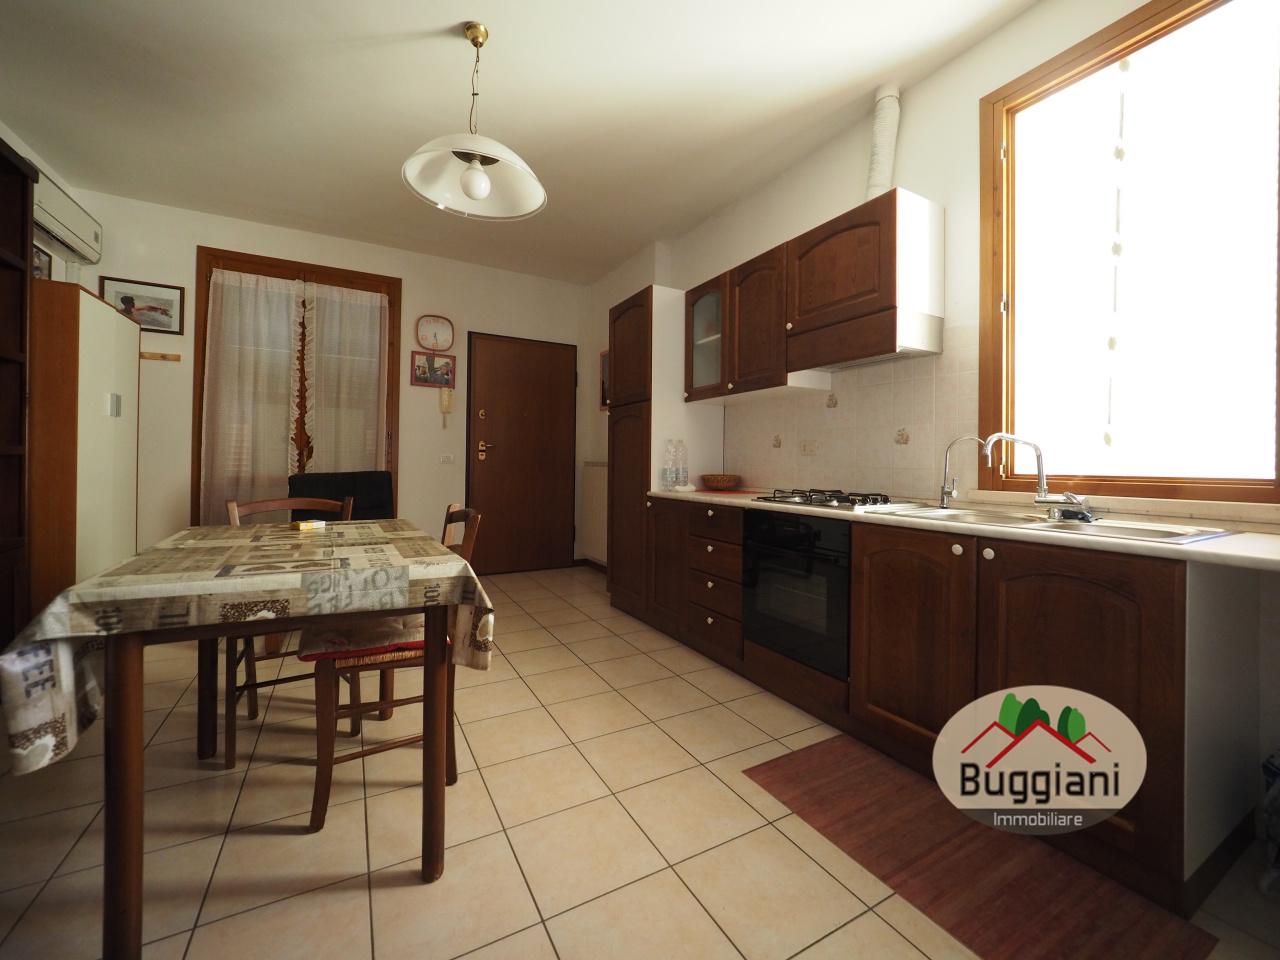 Appartamento in vendita RIF. 2017, Fucecchio (FI)